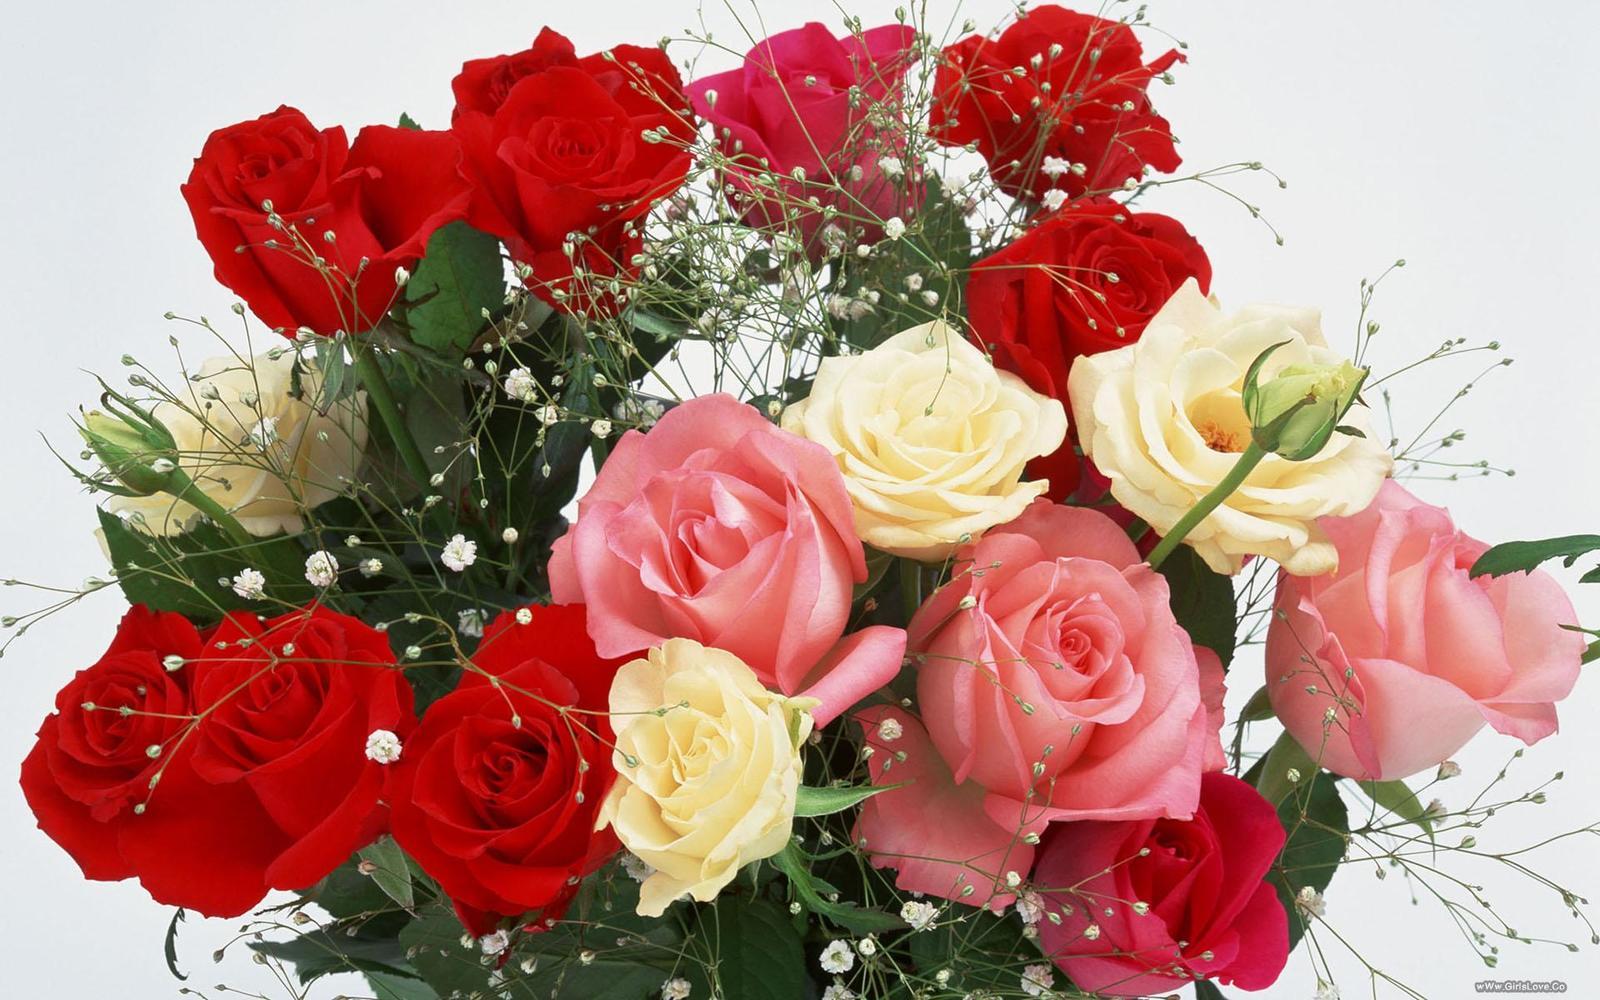 بالصور ورود جميلة , اجمل الورود و الذهور الرائعه 765 4